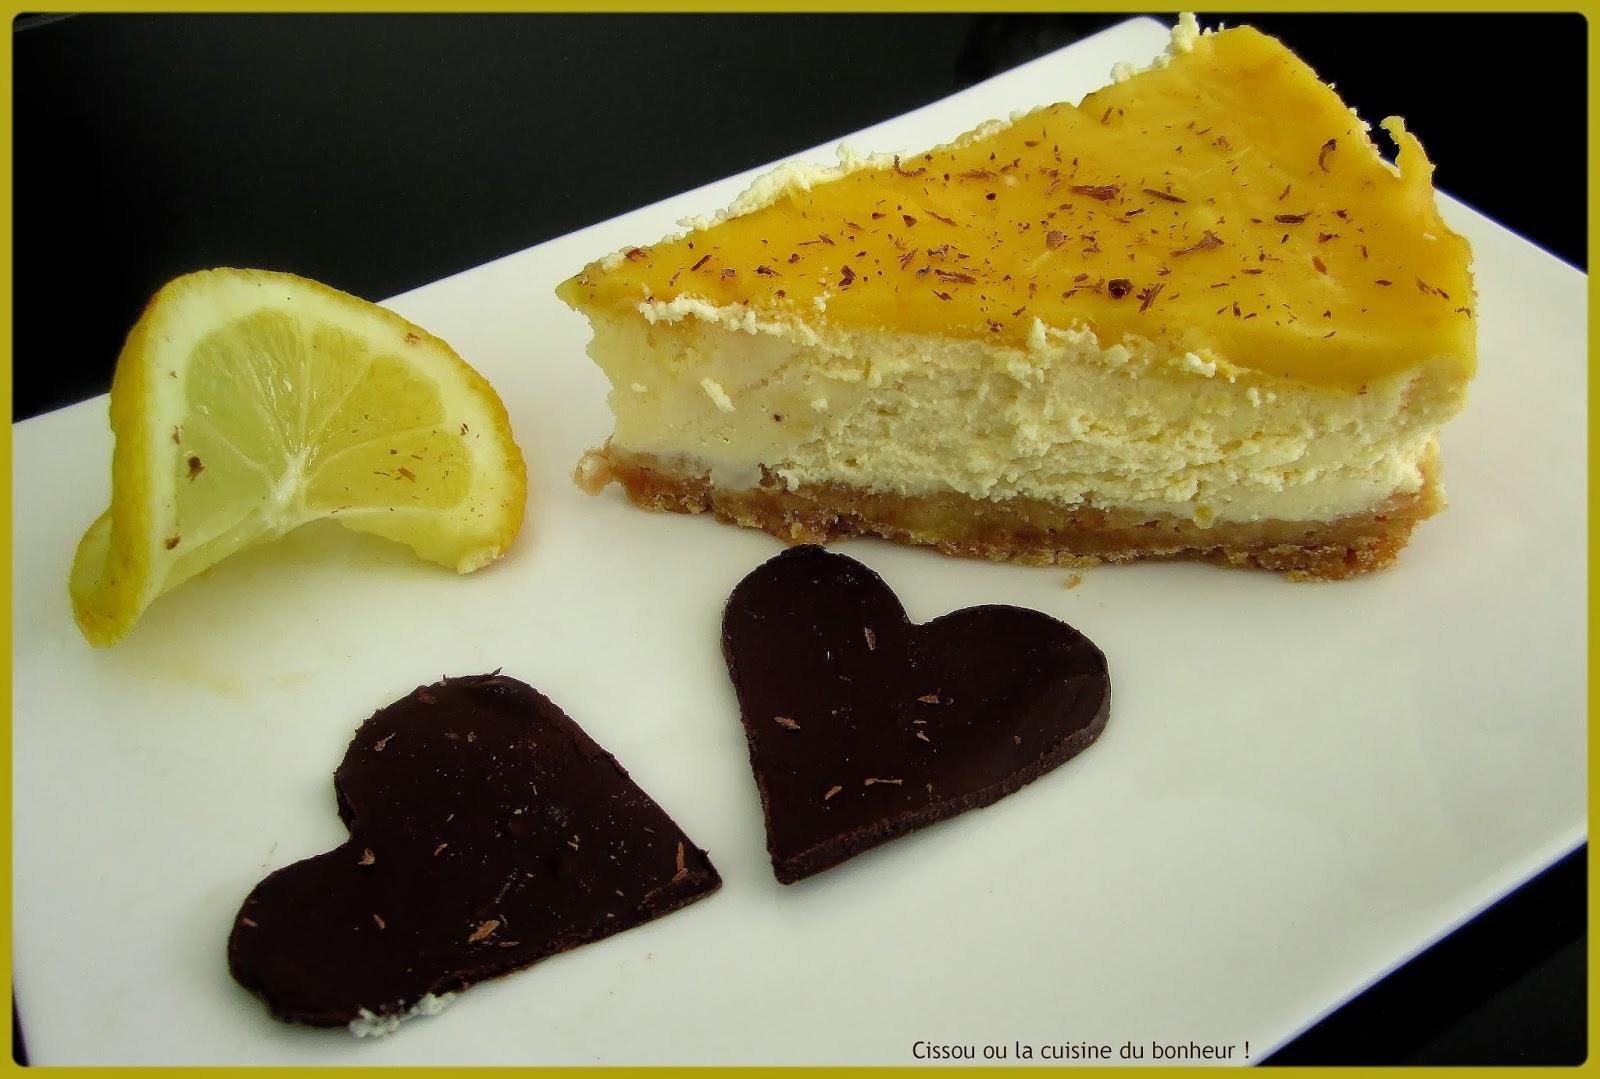 Cissou ou la cuisine du bonheur cheesecake citron et gingembre - Du bonheur dans la cuisine saint herblain ...